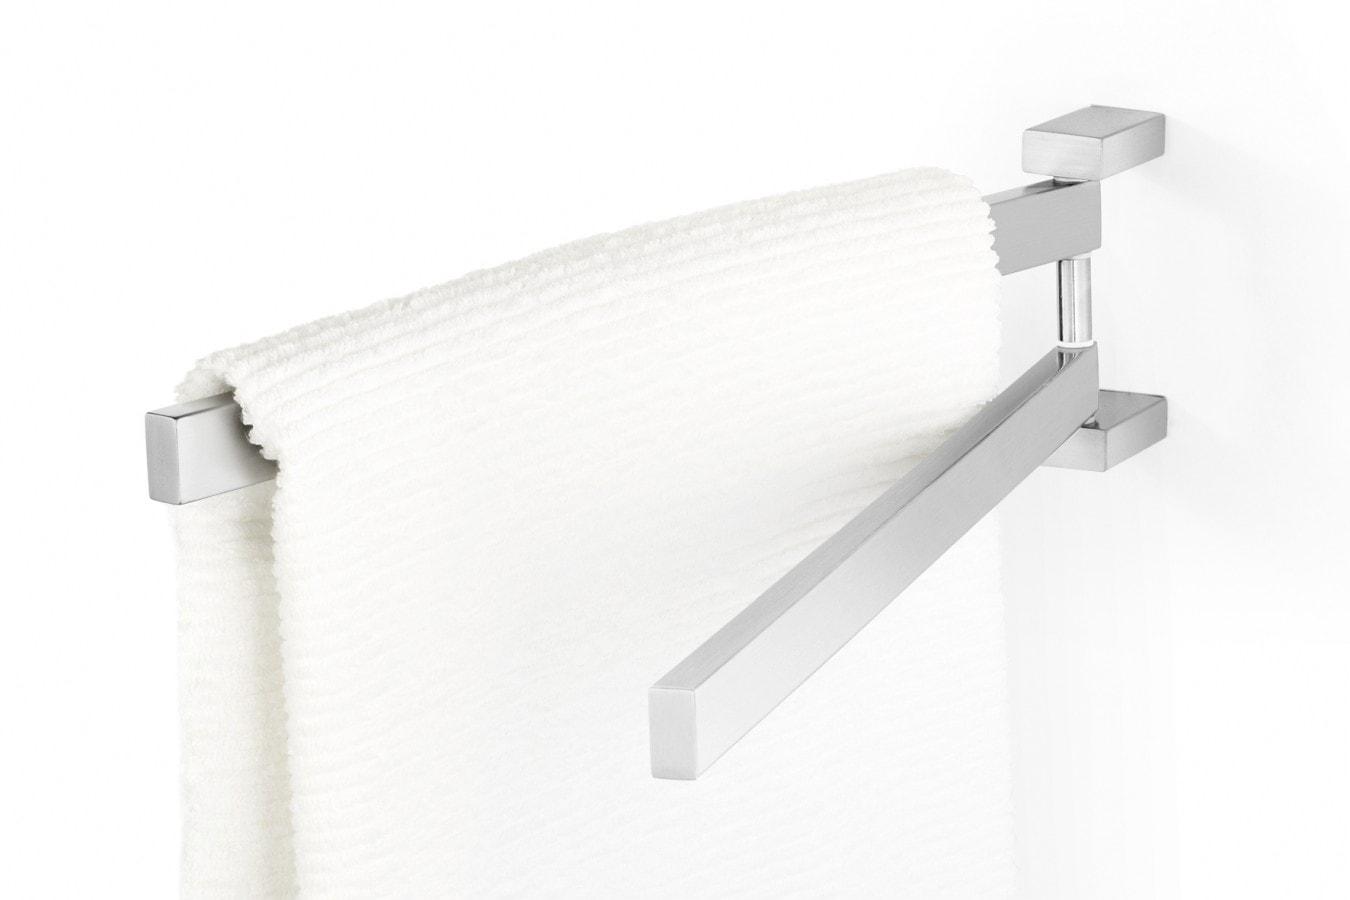 Reling łazienkowy podwójny ZACK LINEA 44cm 40380